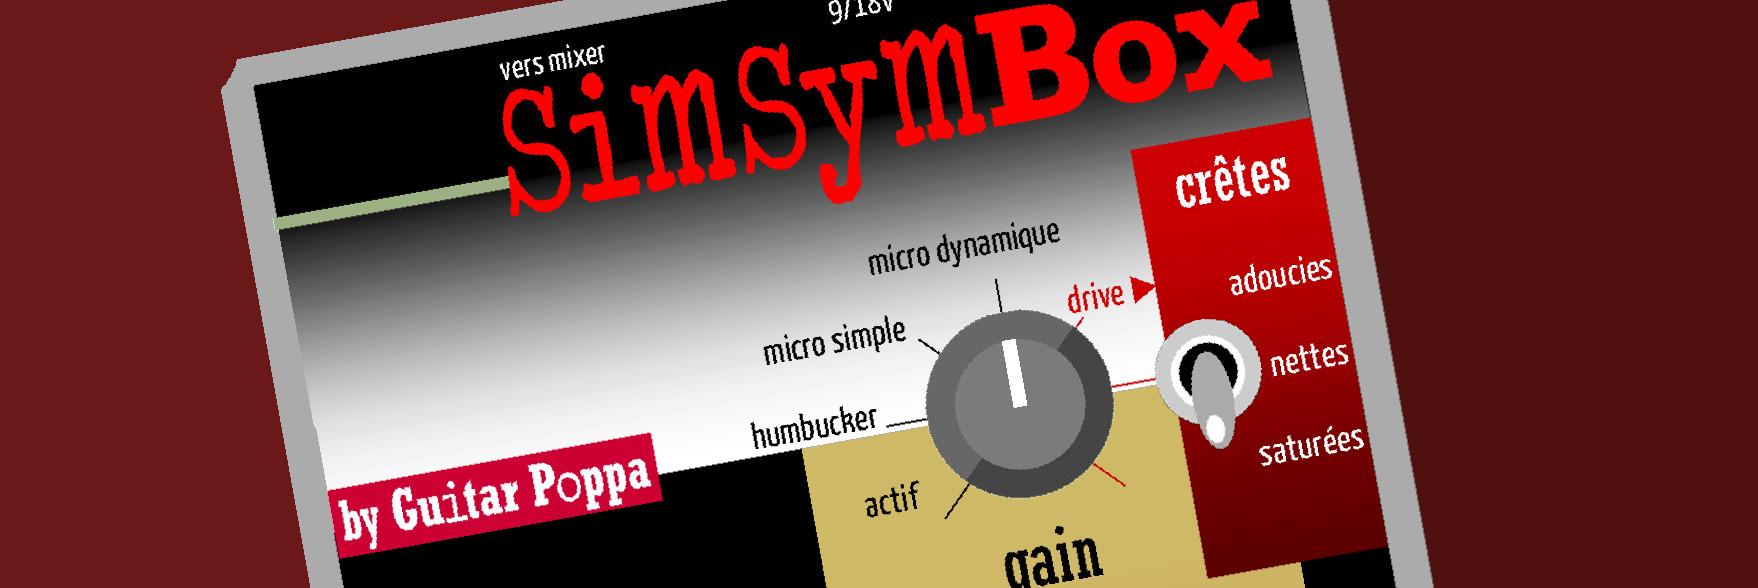 SimSymBox : boîte de direct qui met en valeur la coumeur et le grain de l'instrument